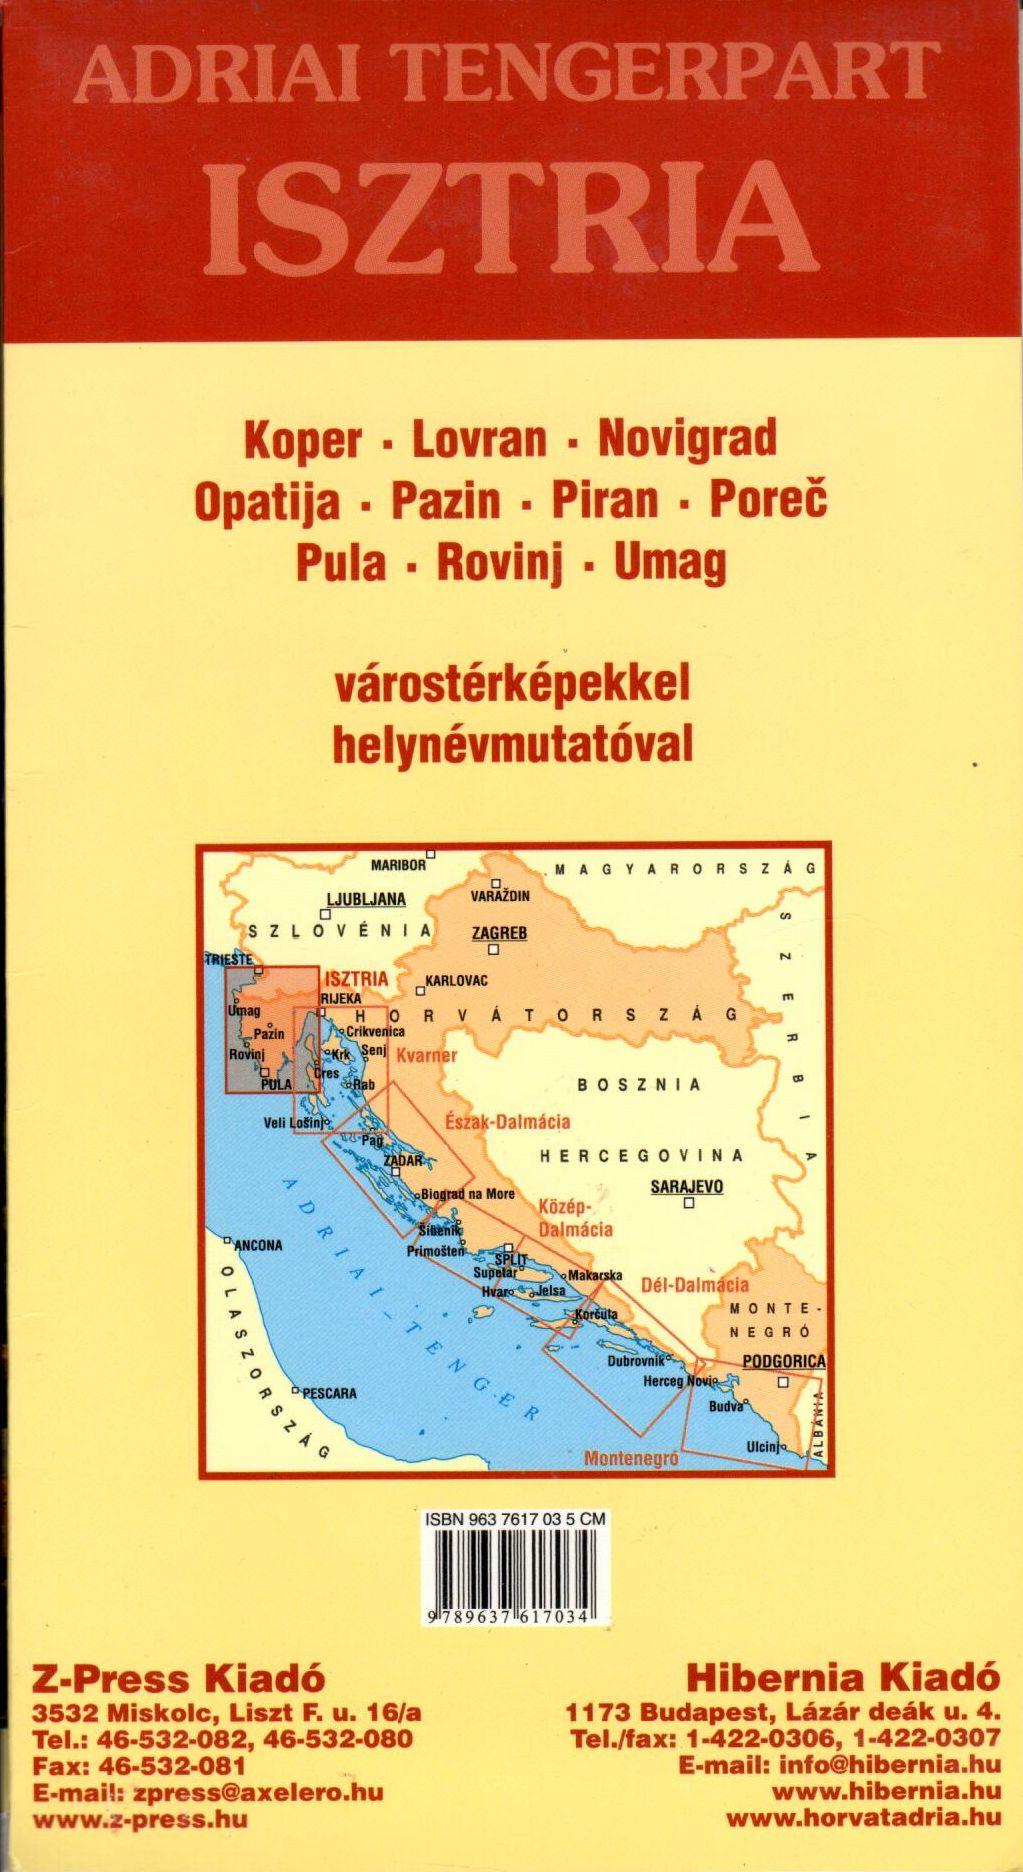 Az Isztria térkép által lefedett terület és a várostérképek